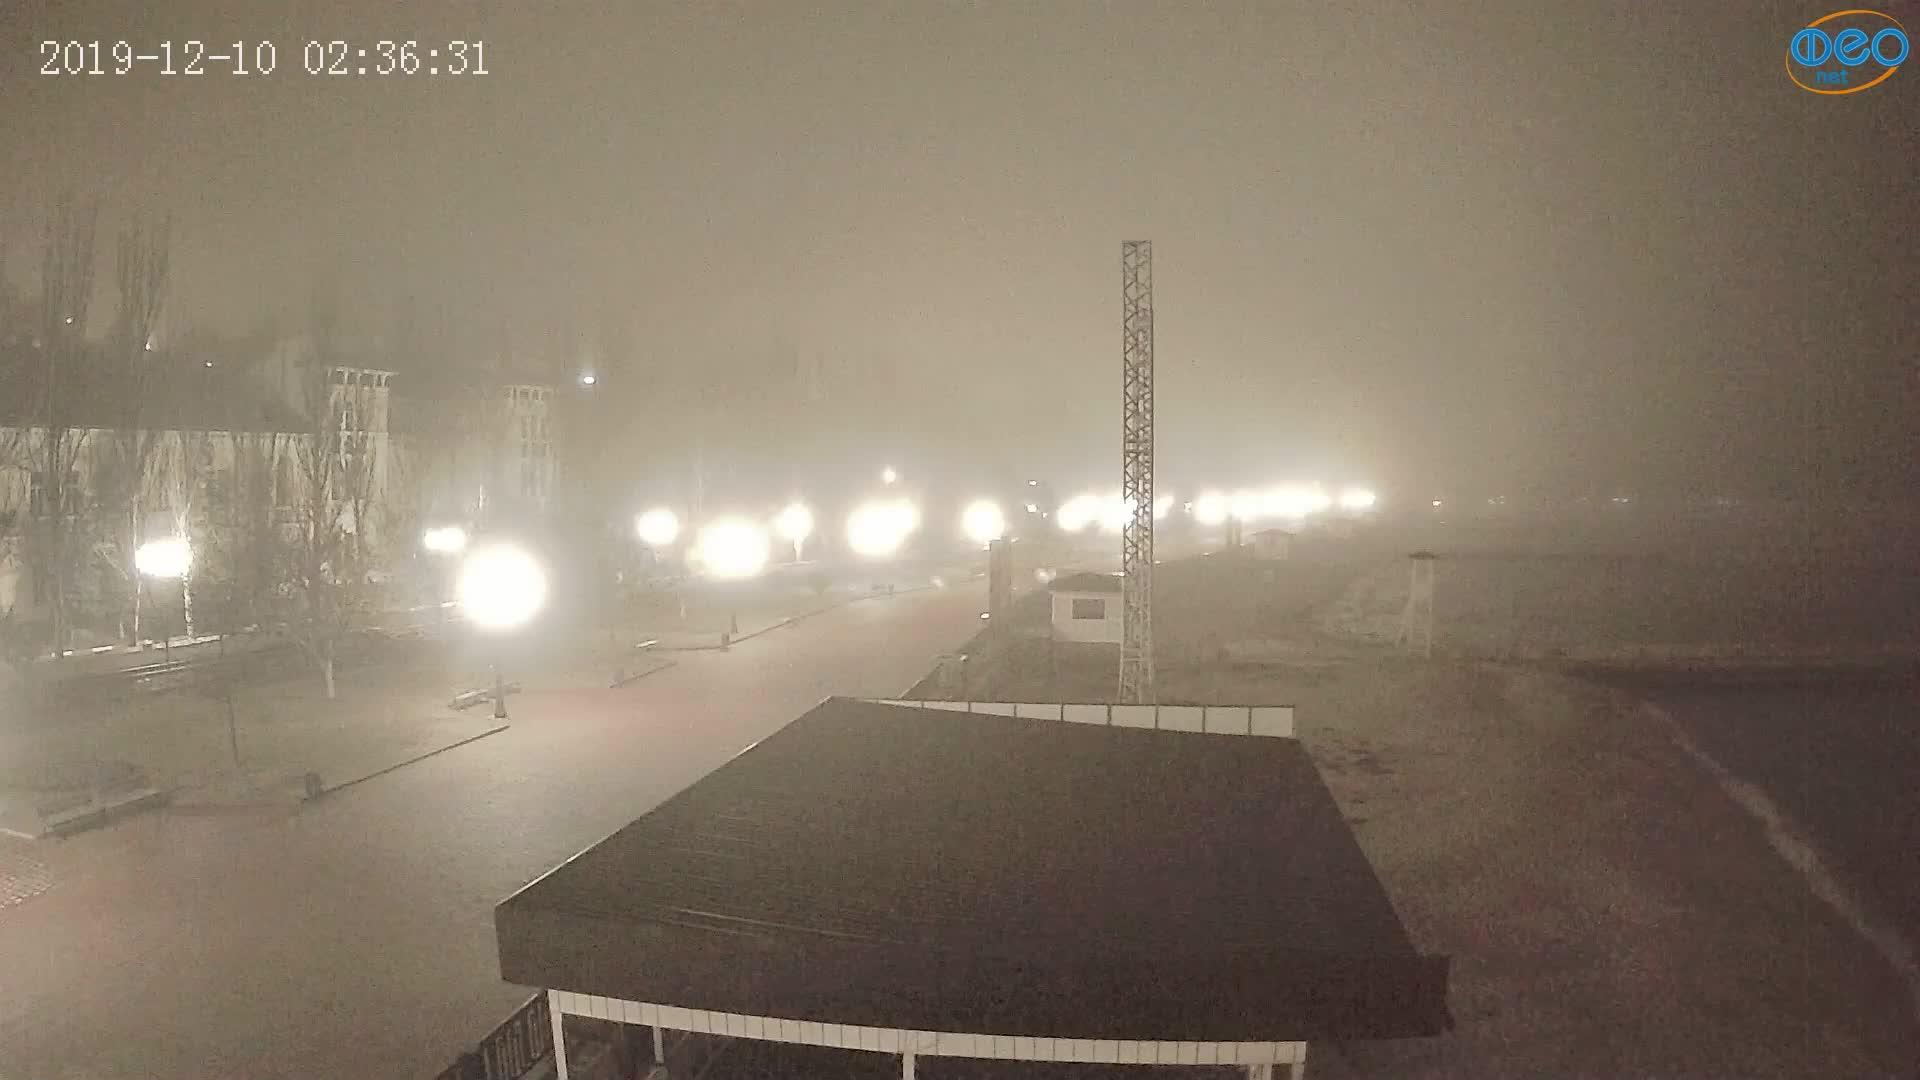 Веб-камеры Феодосии, Пляж Камешки, 2019-12-10 02:36:54